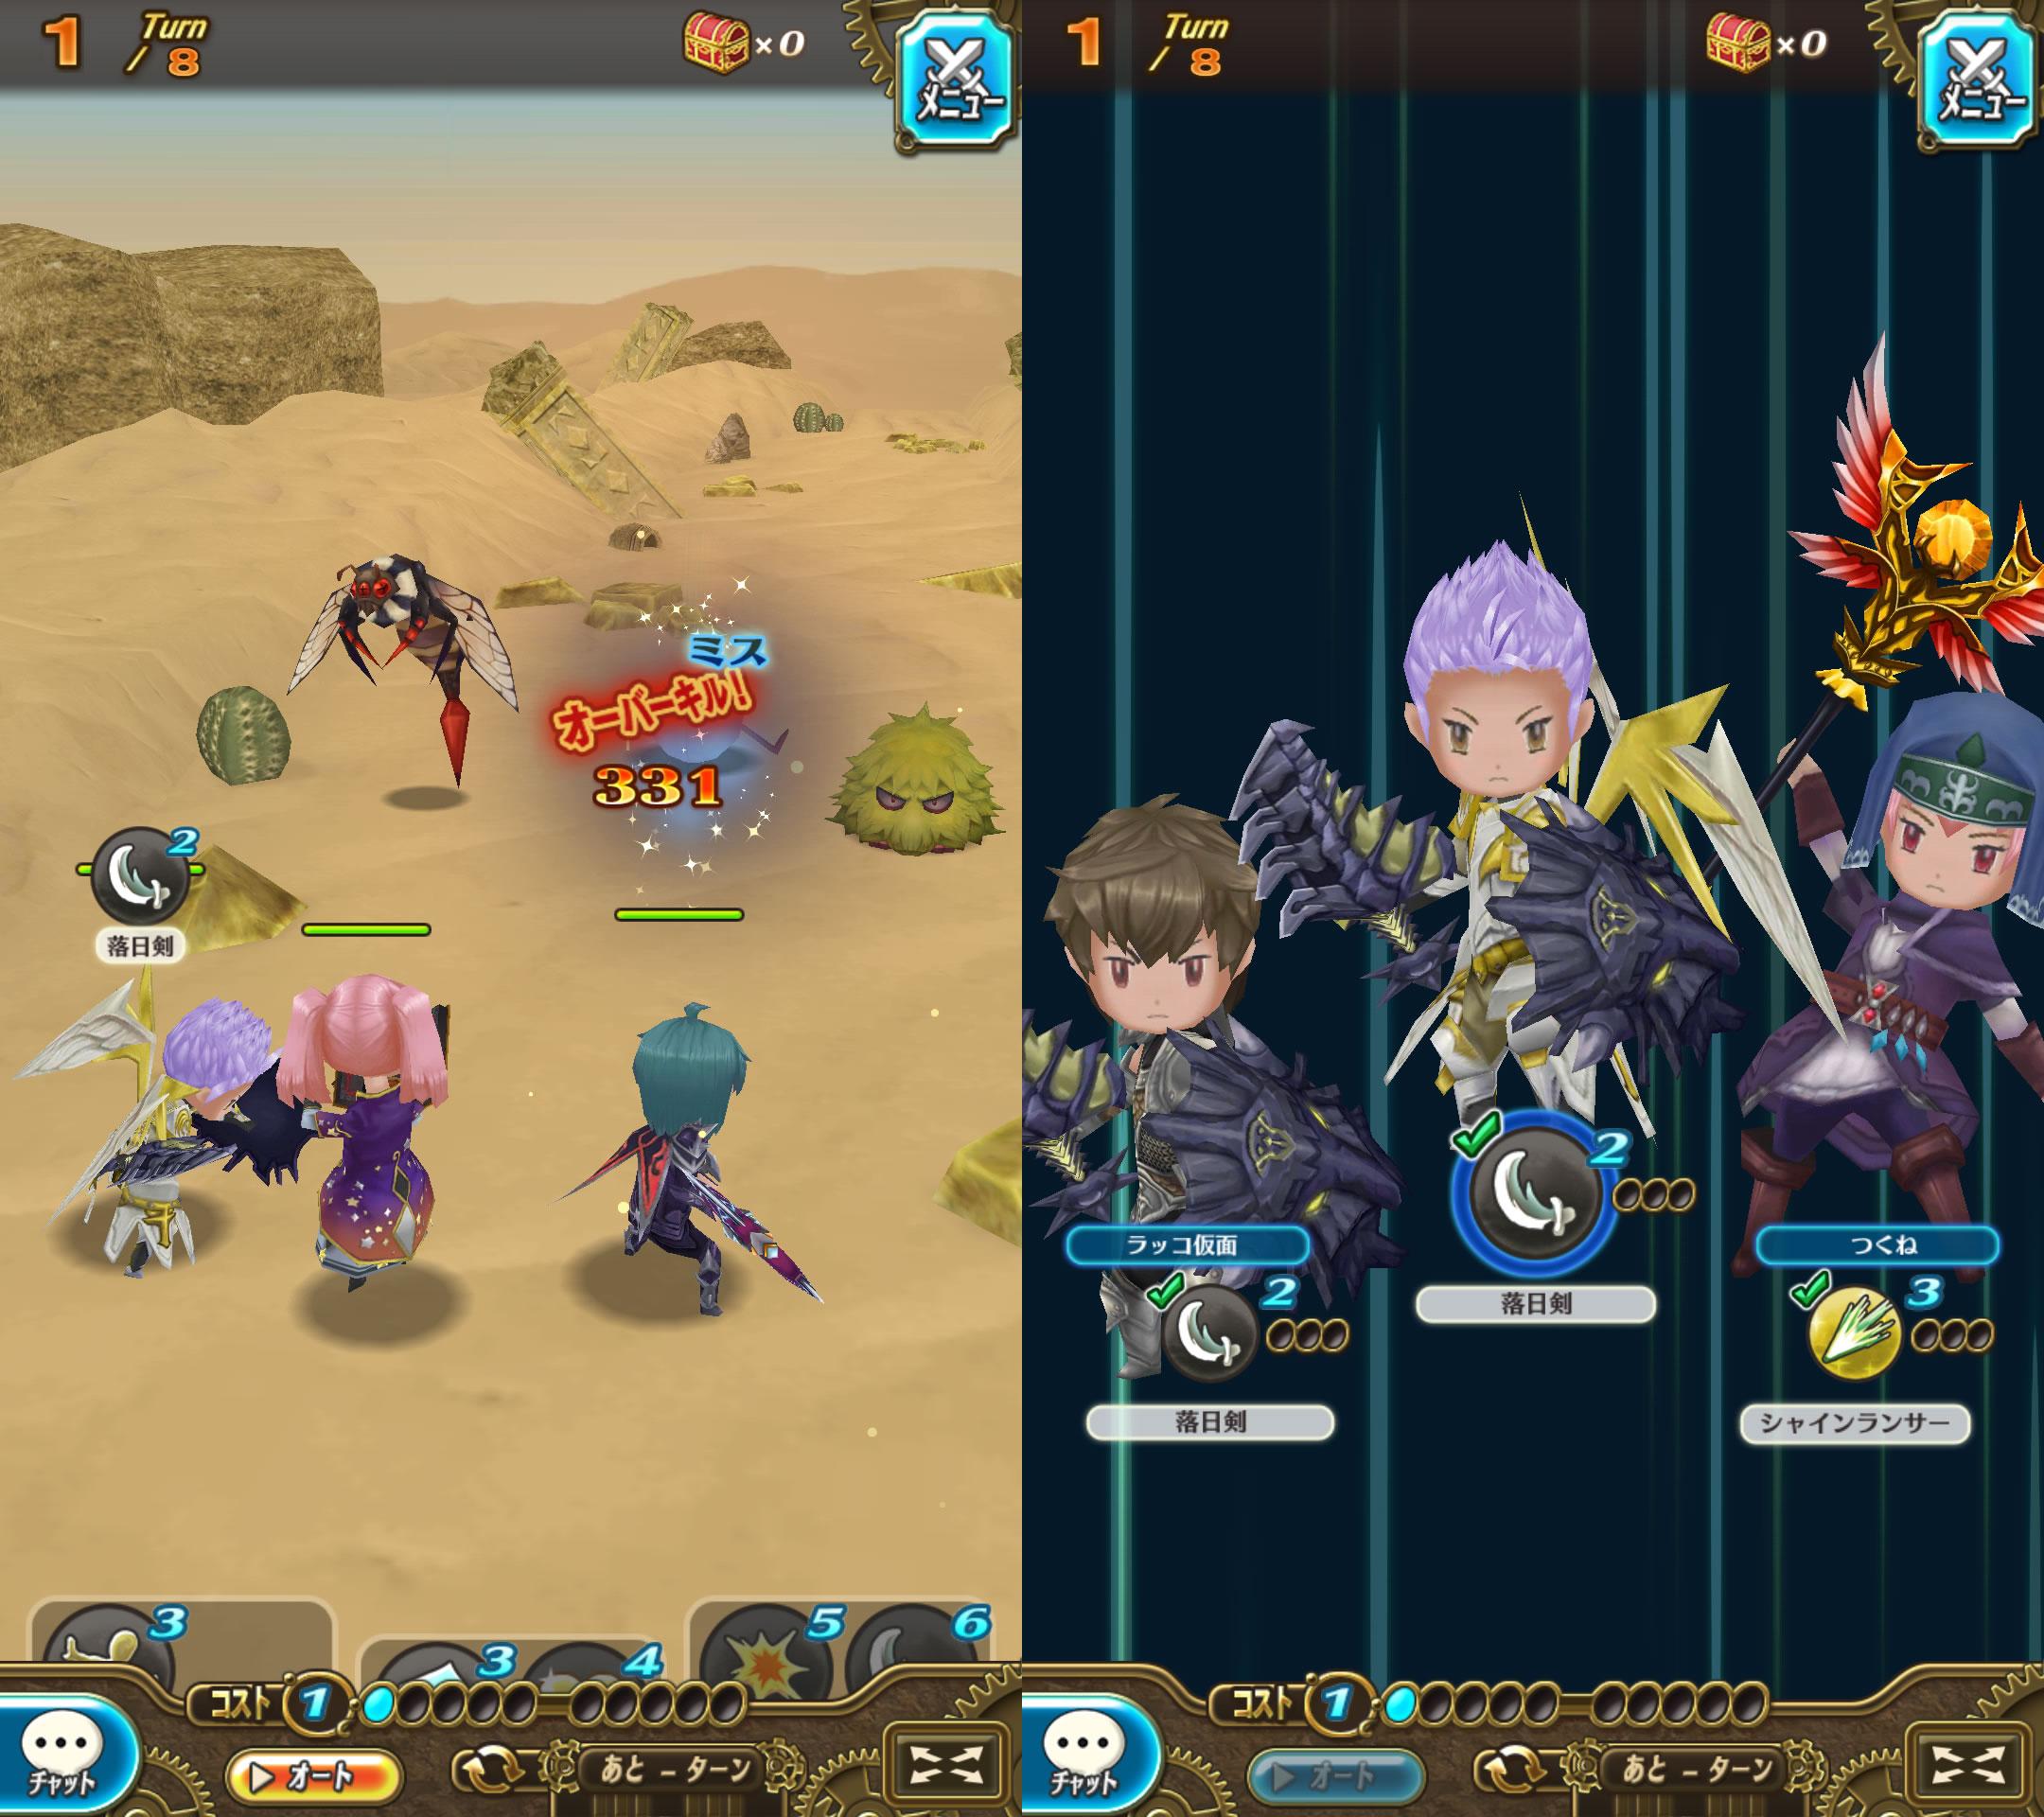 トライリンク 光の女神と七魔獣 androidアプリスクリーンショット1